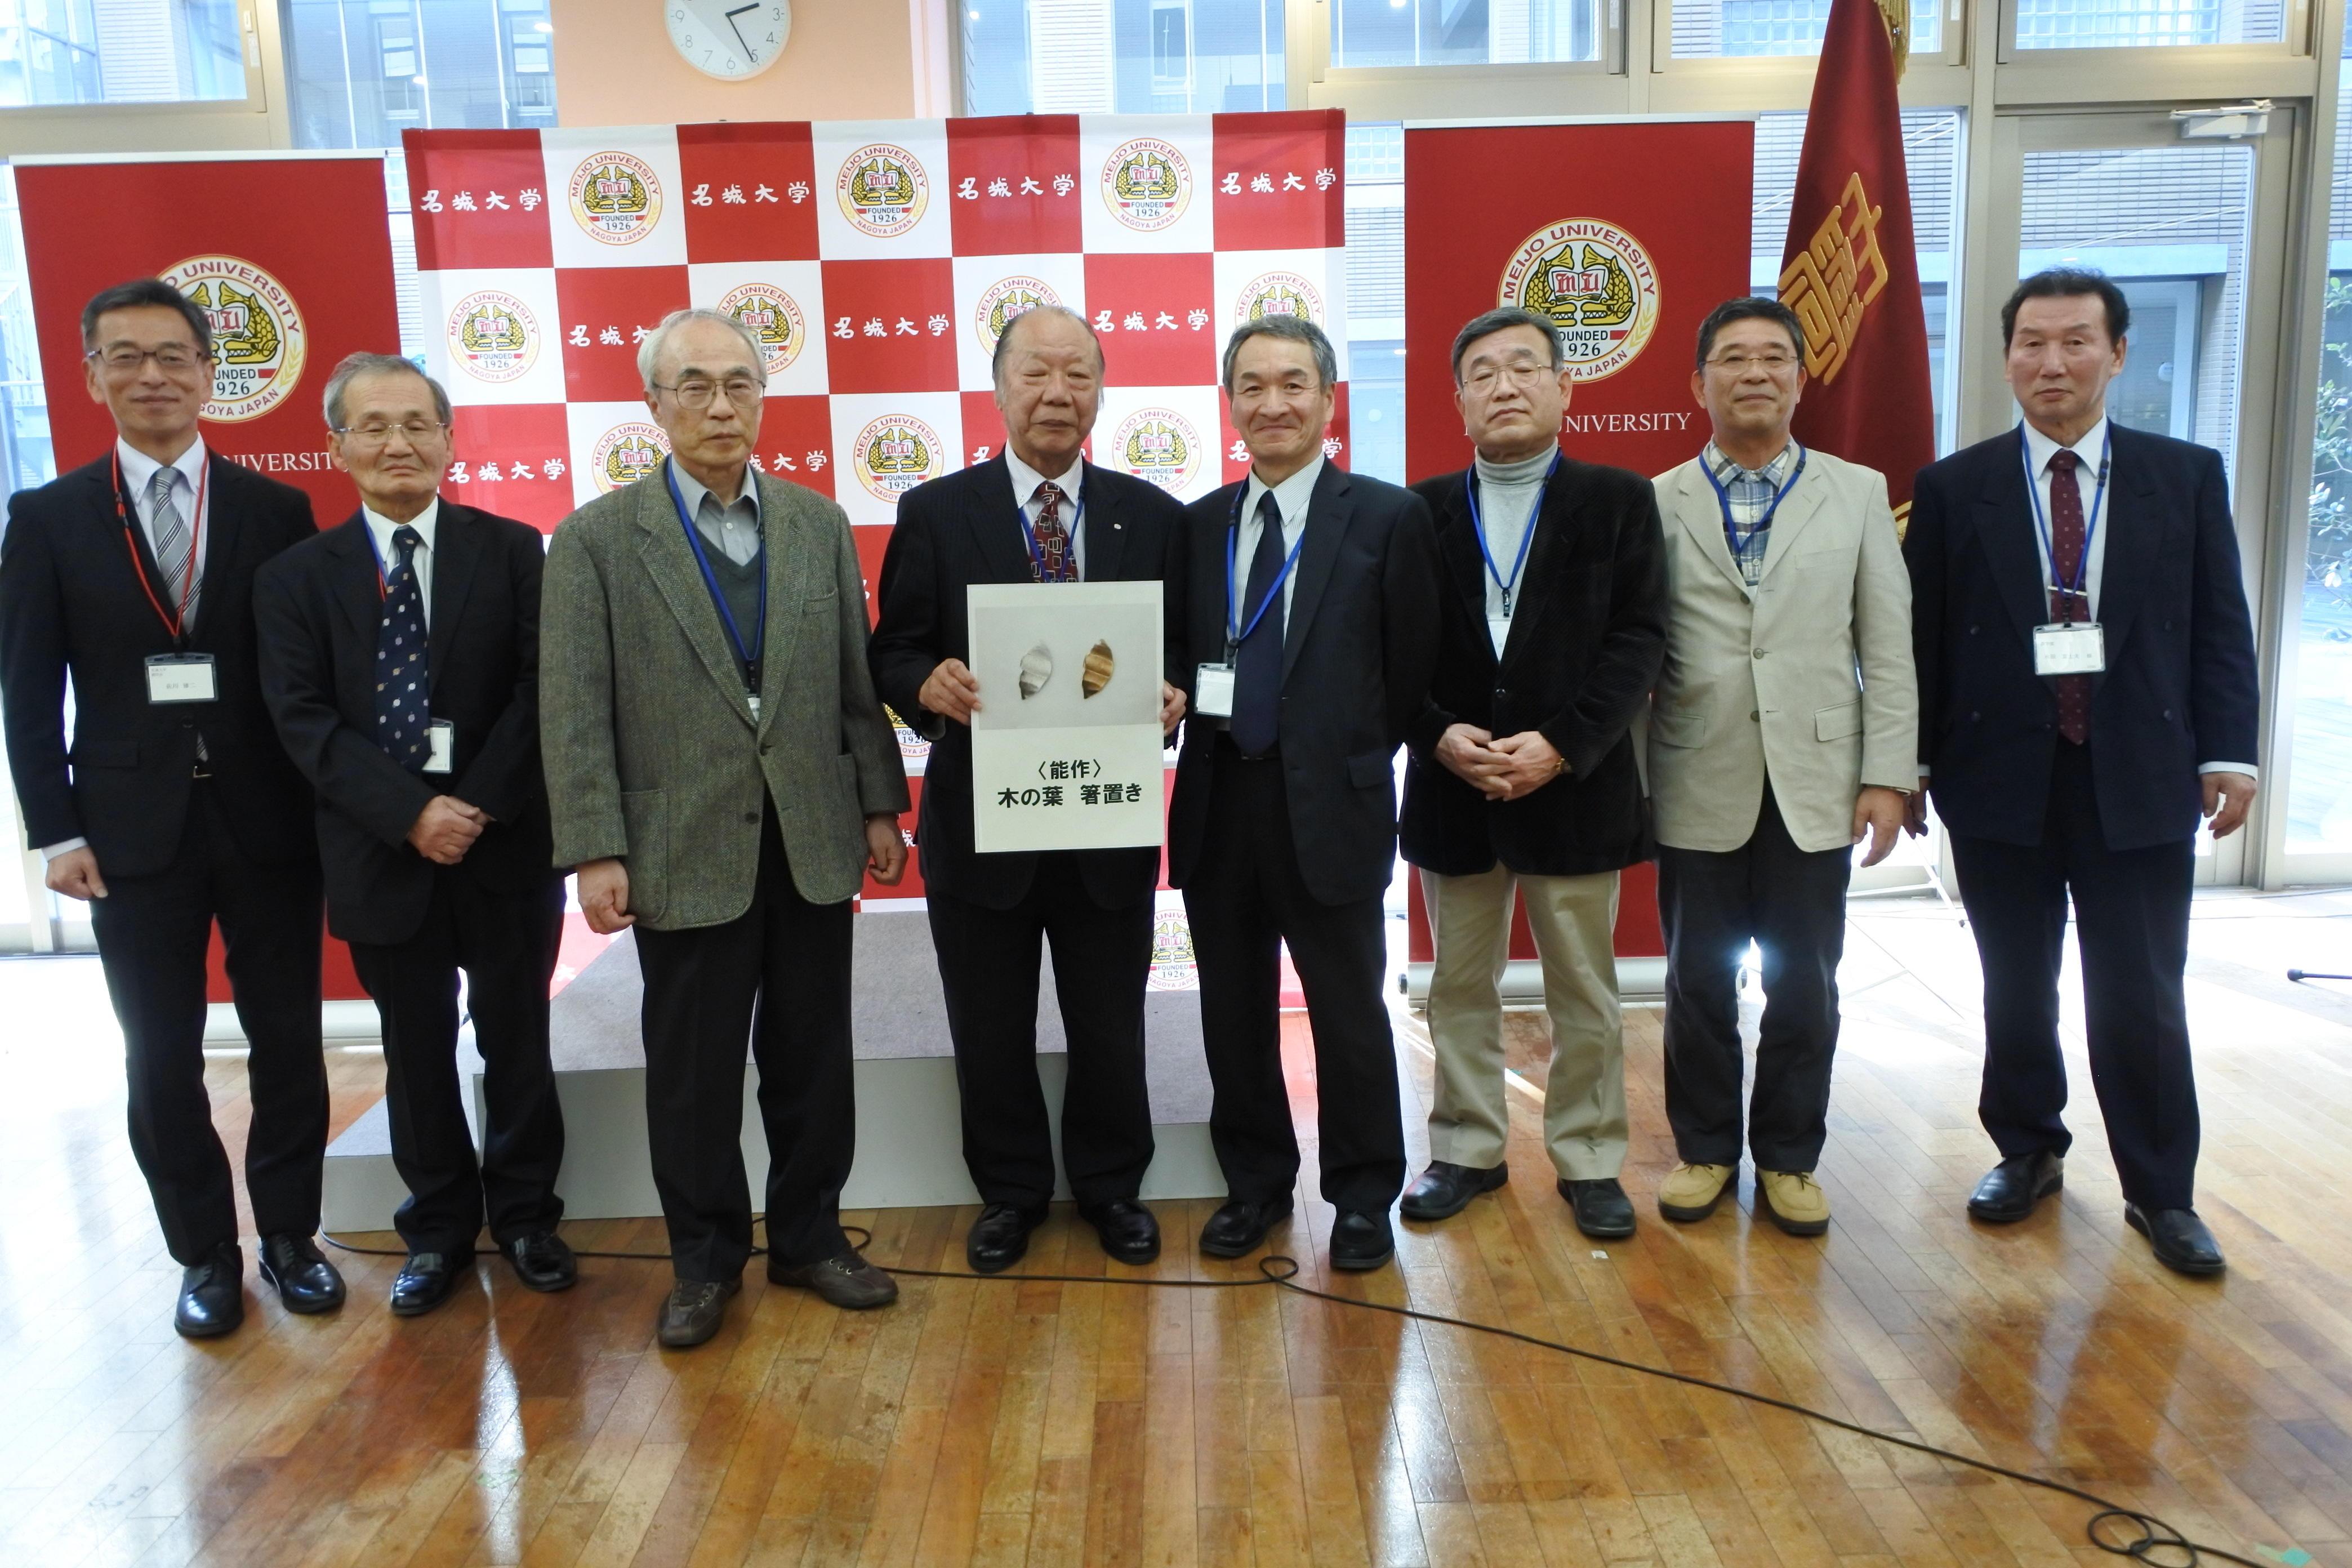 遠方賞の7人と佐川雄二副学長(左端)